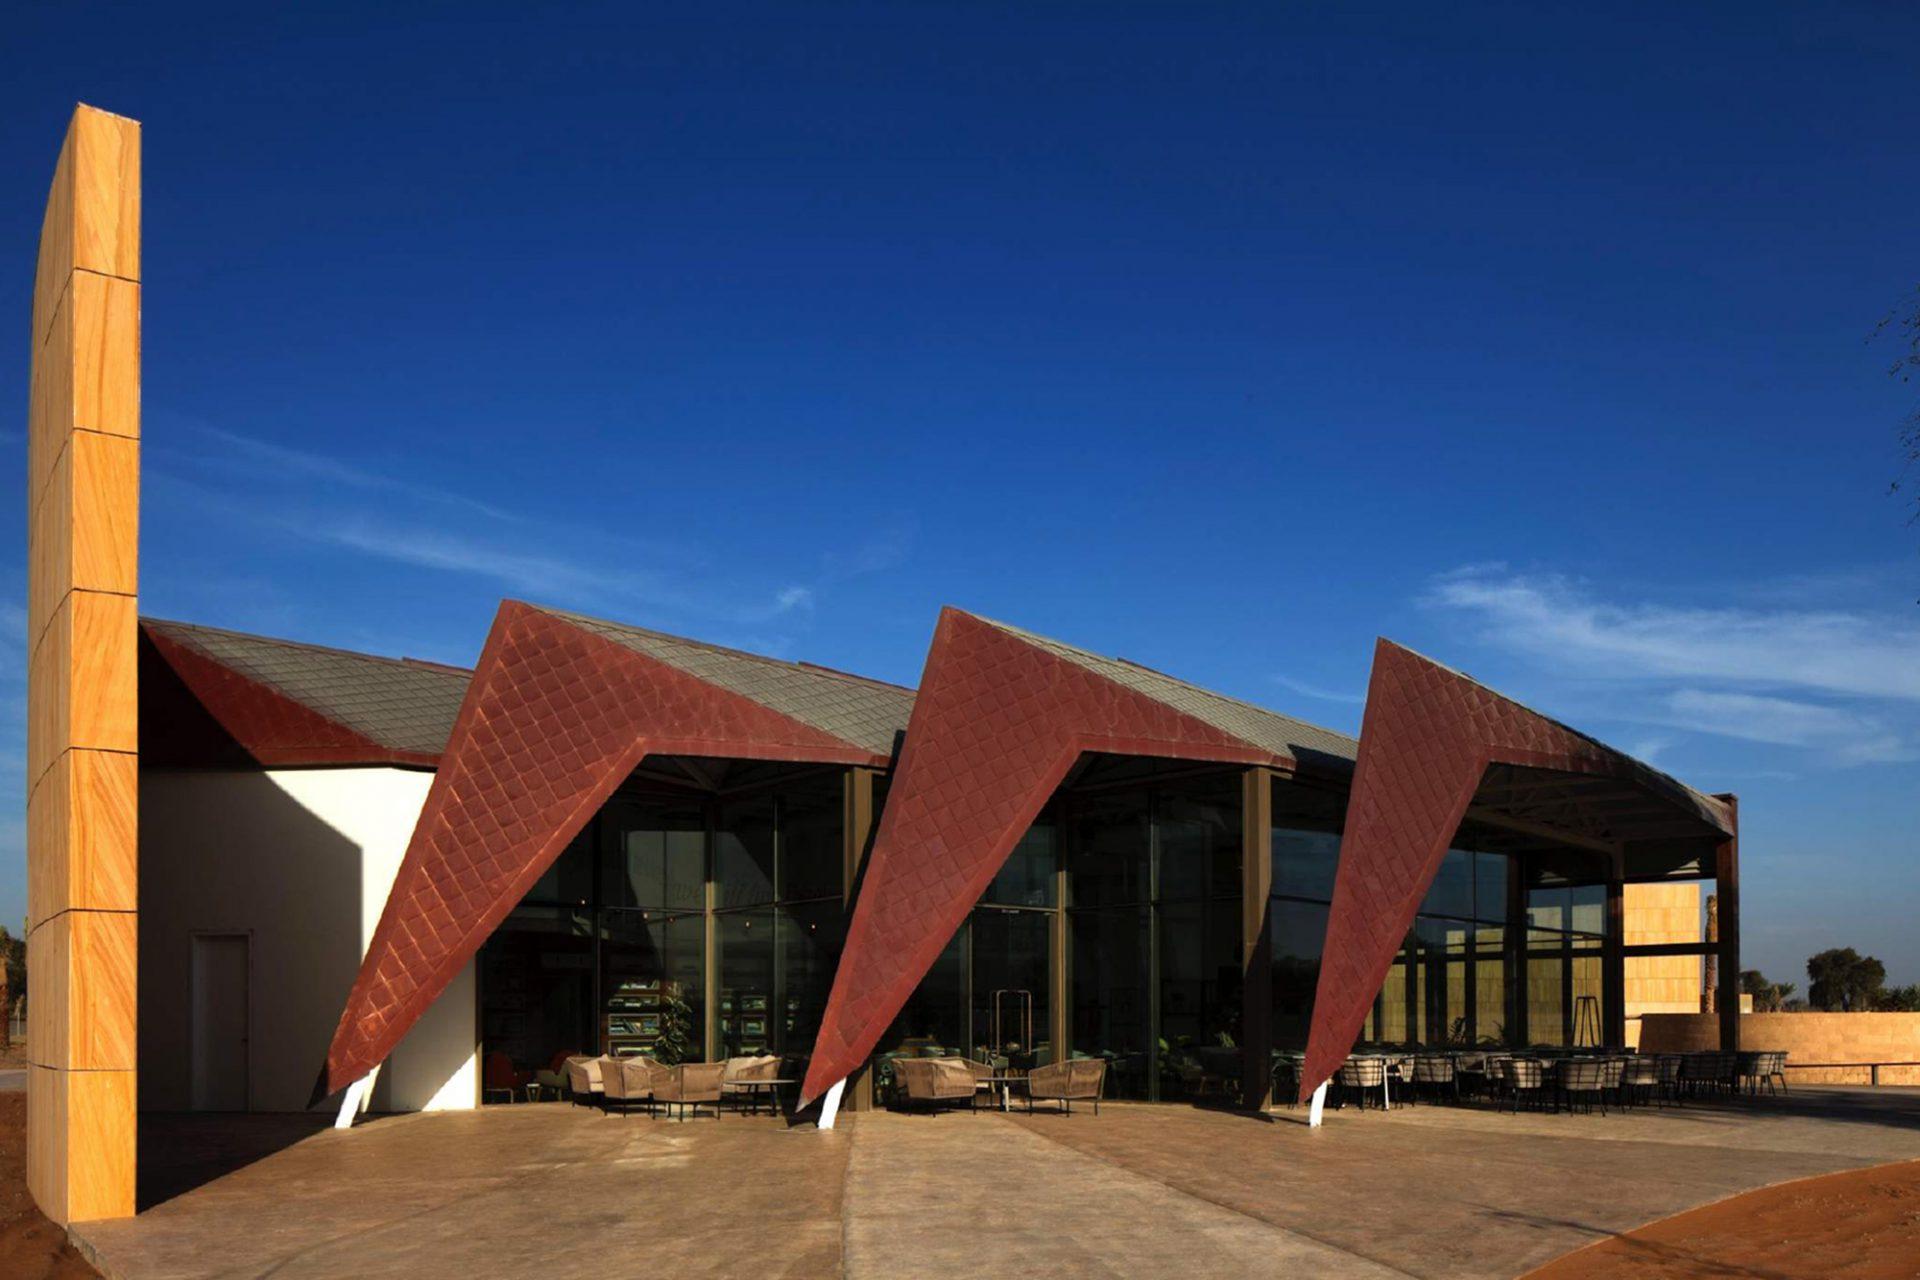 Mleiha Archaeological Centre. Das Café am Ende des Ausstellungsrundgangs ist großzügig verglast. Dachdeckung und Sonnenschutz aus Kupfer verweisen auf die antiken Kupferwerkstätten, die es hier einst gab.